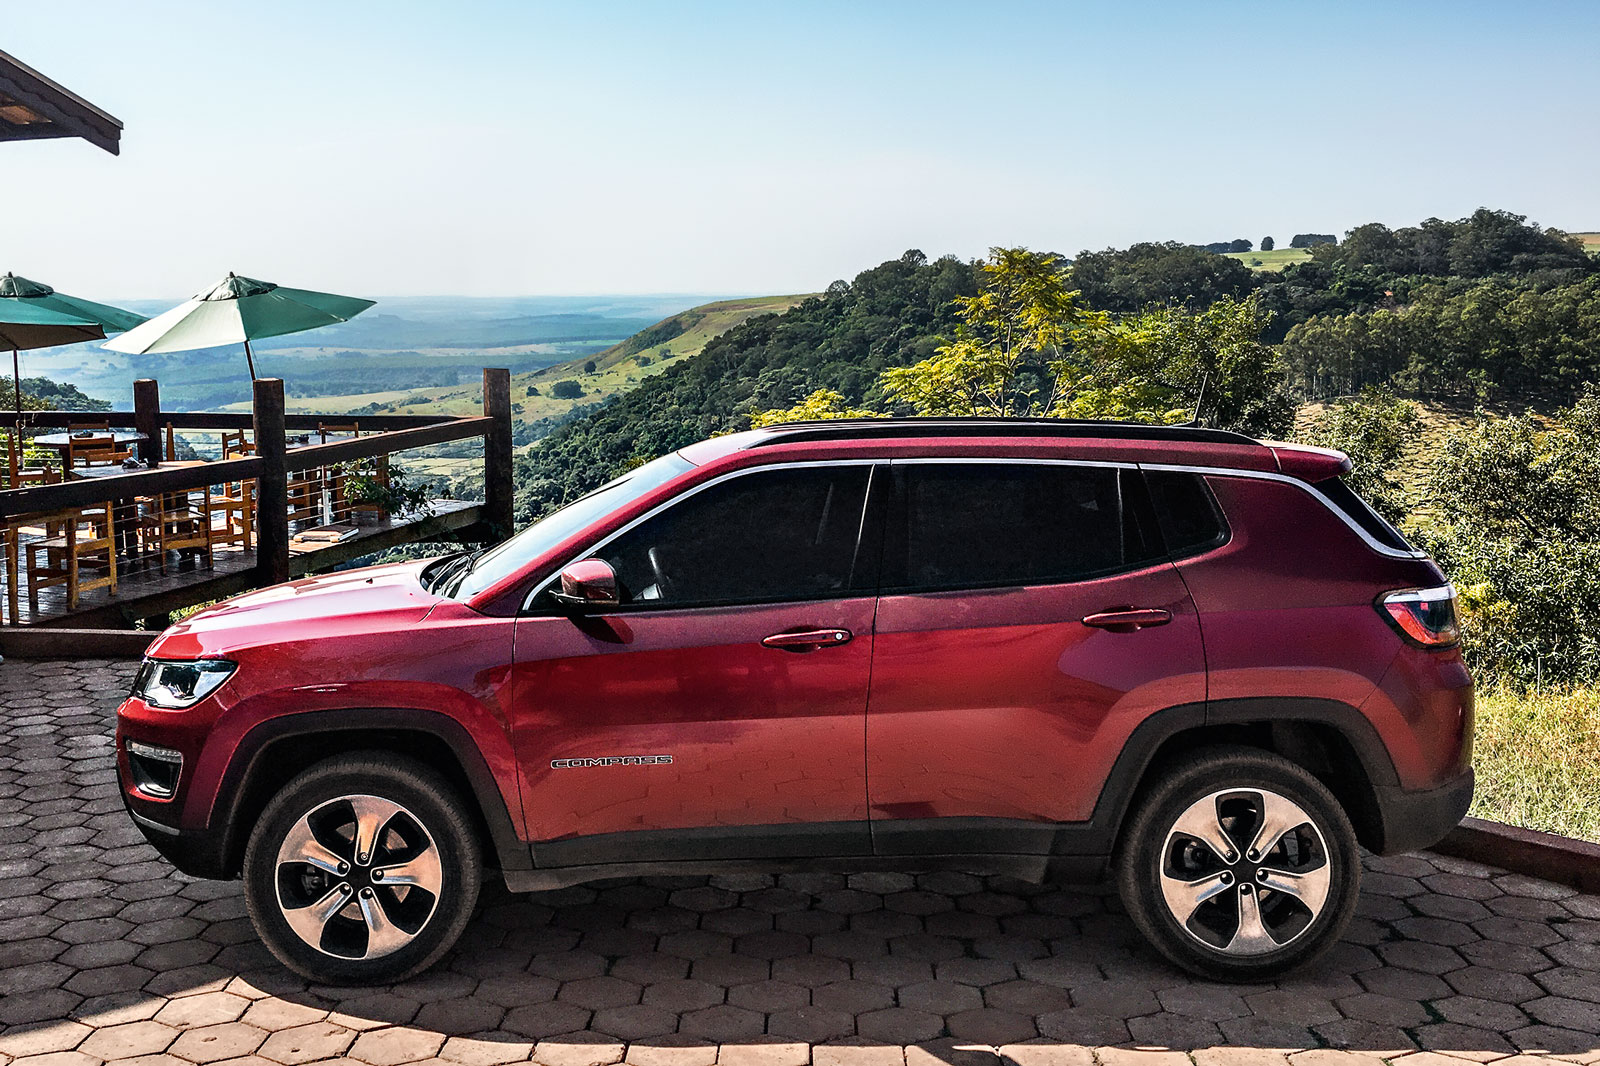 Longa Duracao Jeep Compass Faz Ultima Revisao Antes Do Desmonte Quatro Rodas